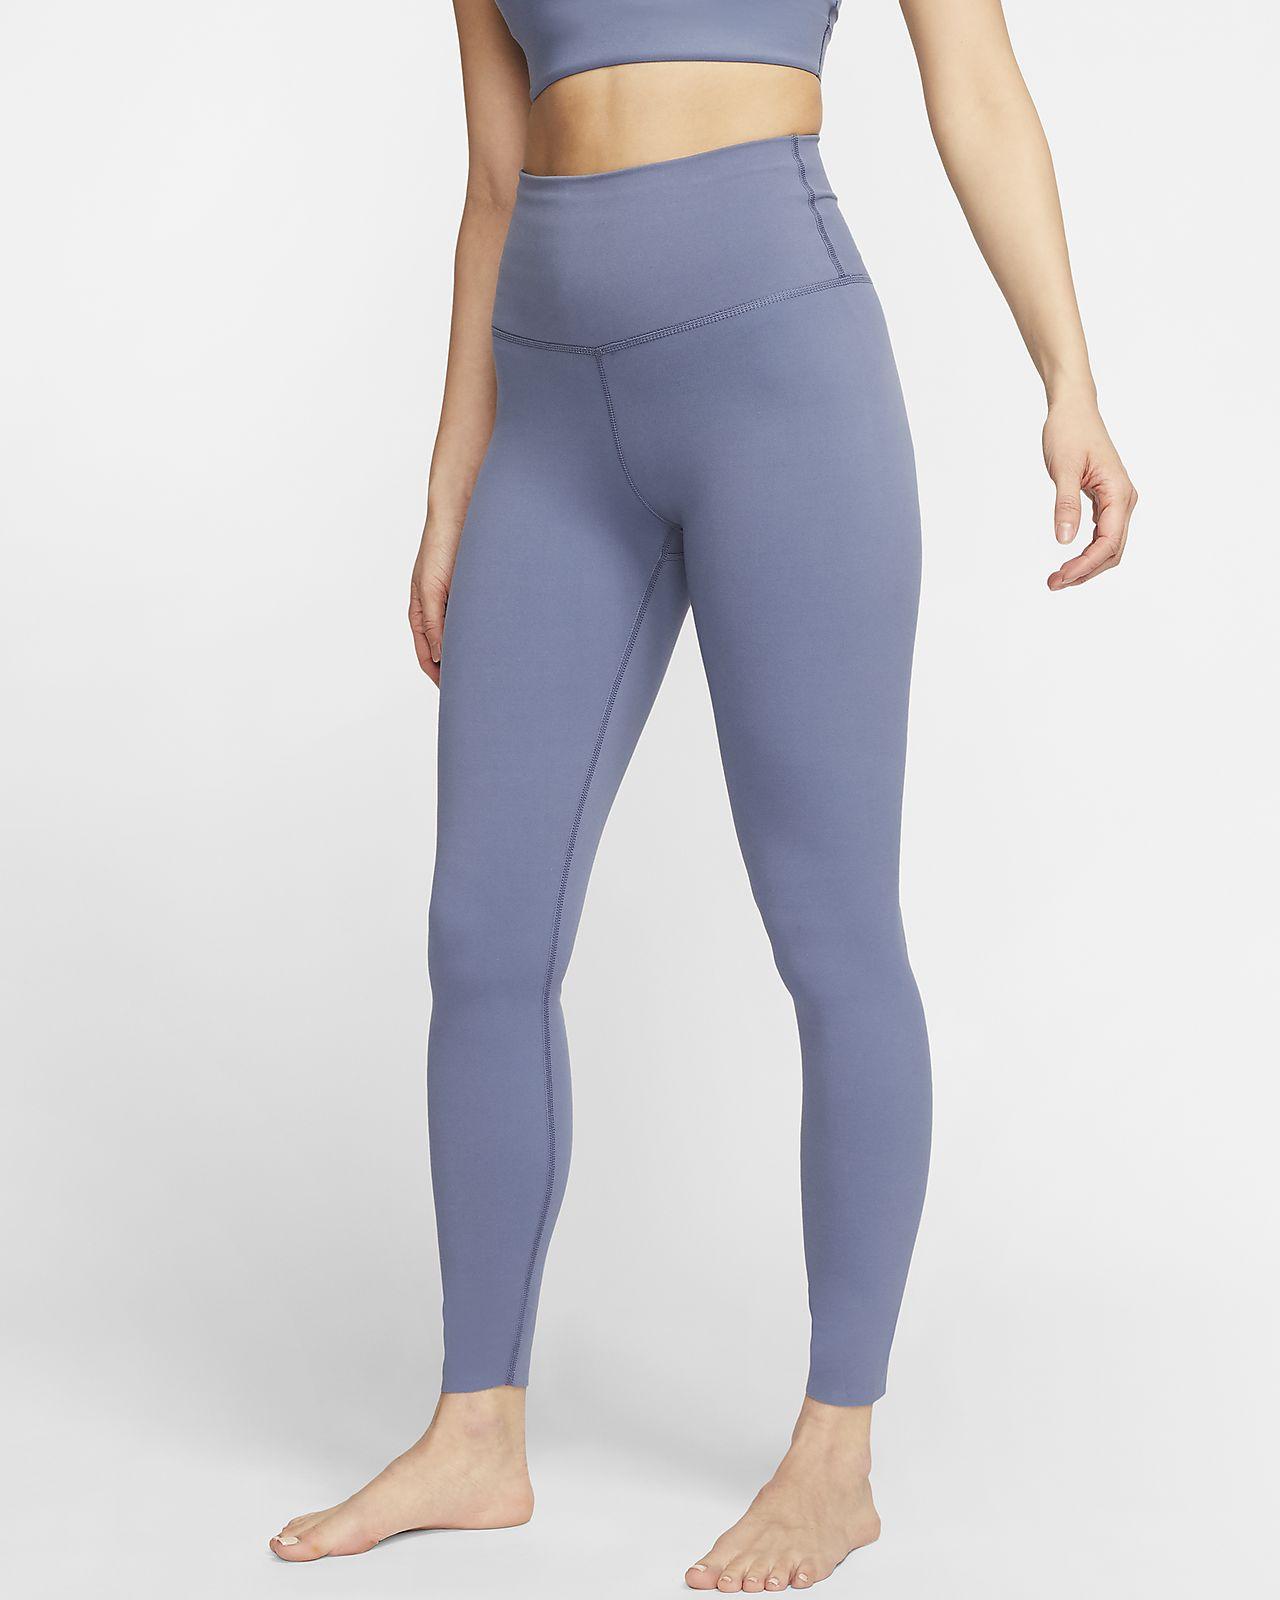 Nike Yoga Luxe Infinalon-tights i 7/8-længde til kvinder